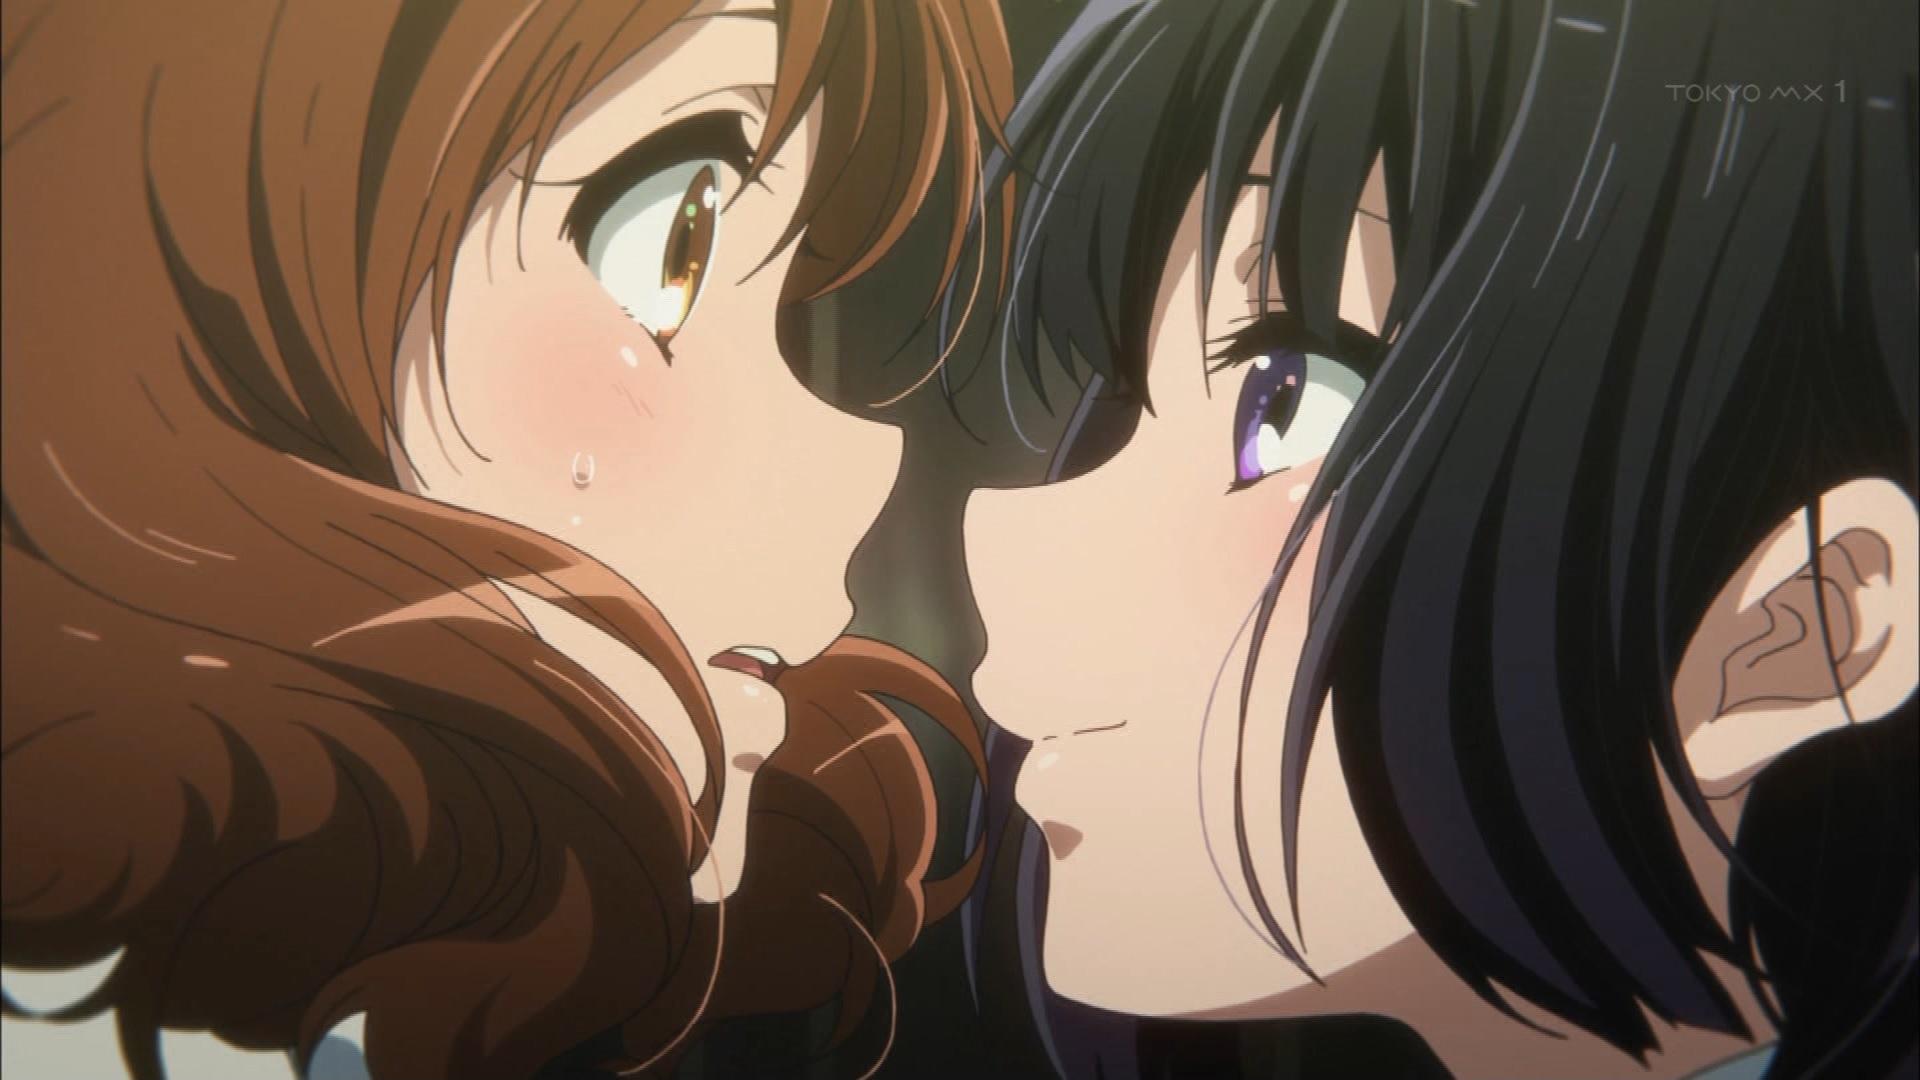 黄前久美子と高坂麗奈(第9話画像)